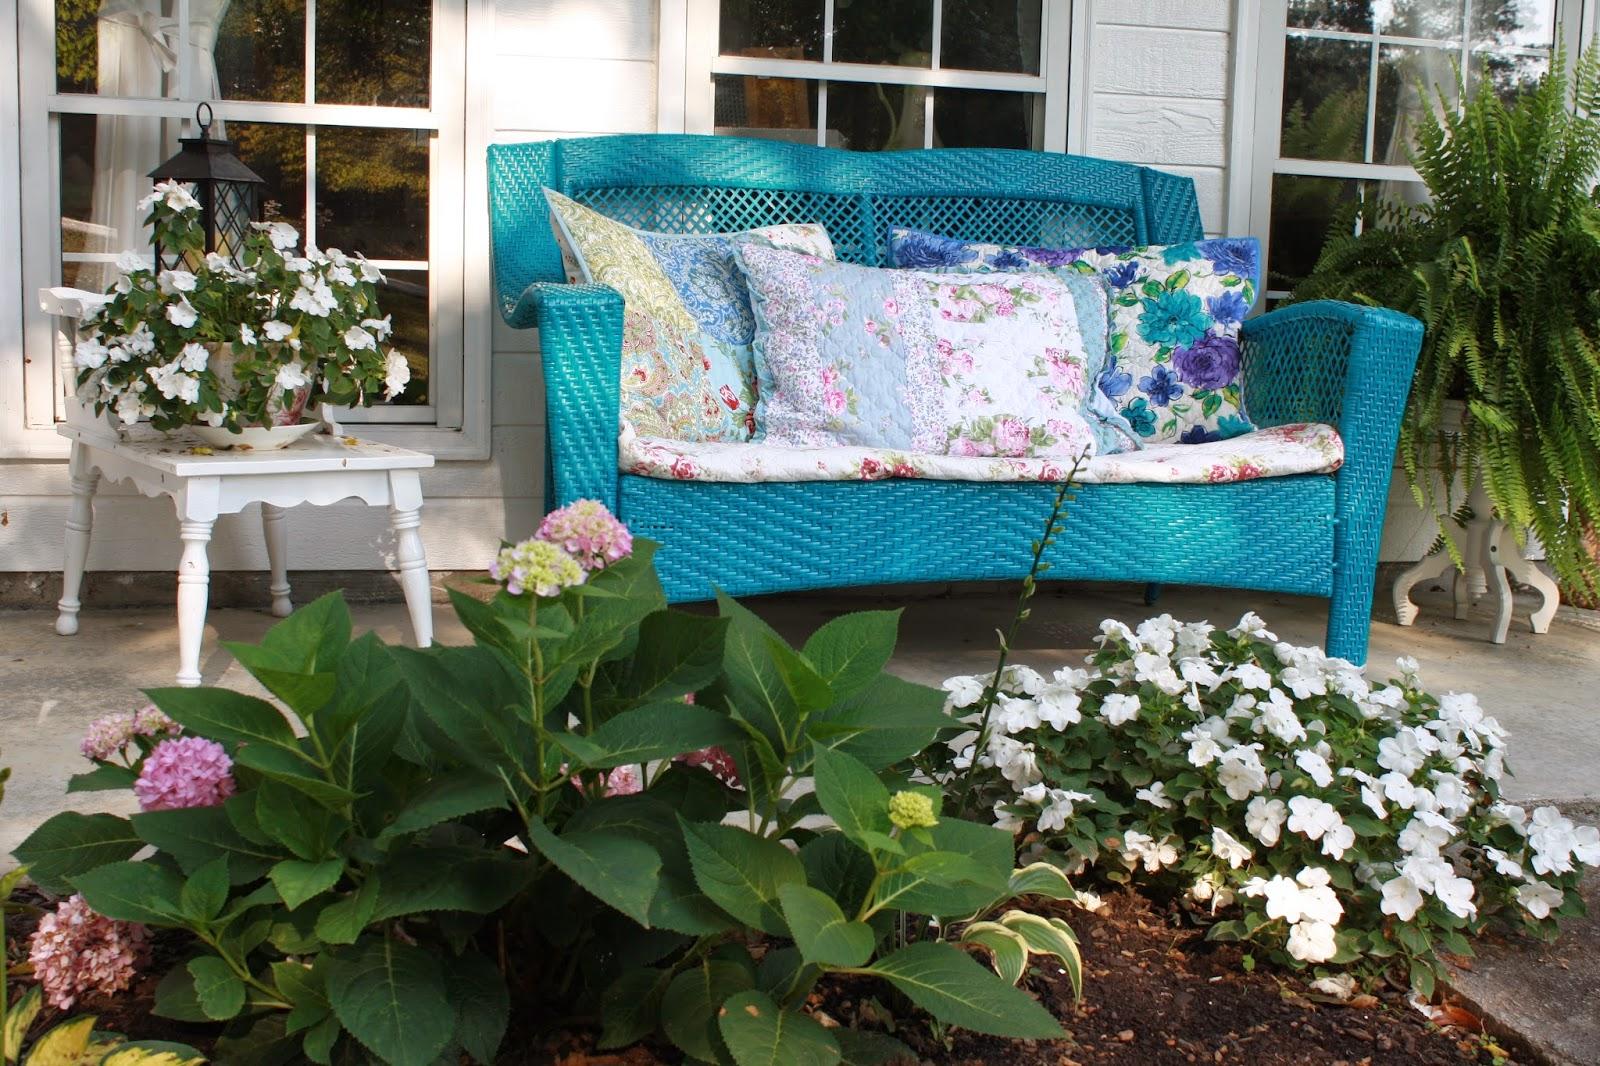 Fiori odori e colori nei giardini in stile Shabby